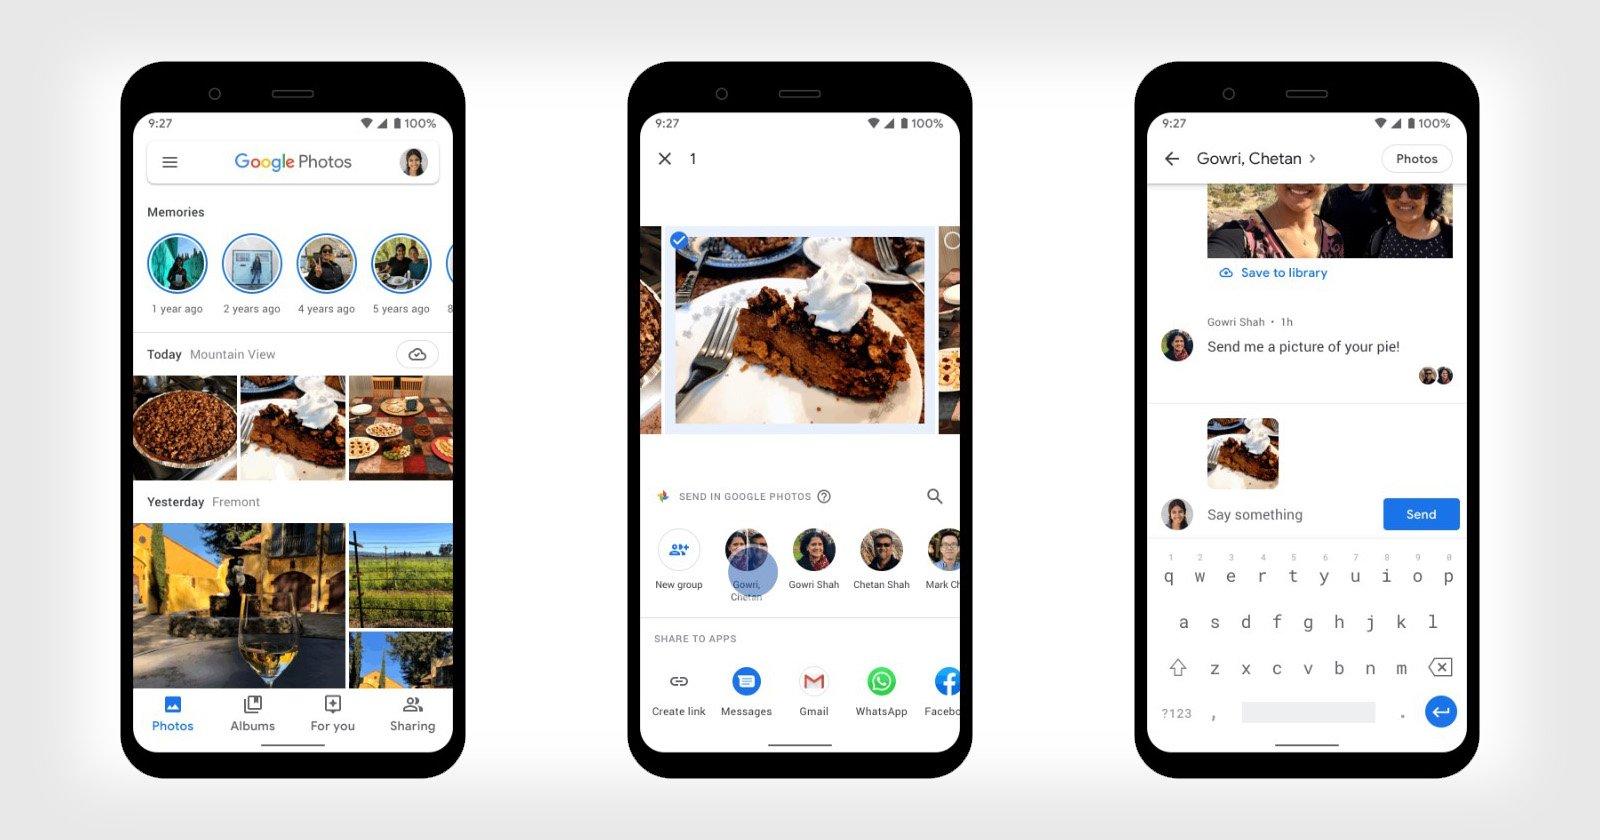 تضيف جوجل رسائل مباشرة إلى صور Google لتسهيل المشاركة